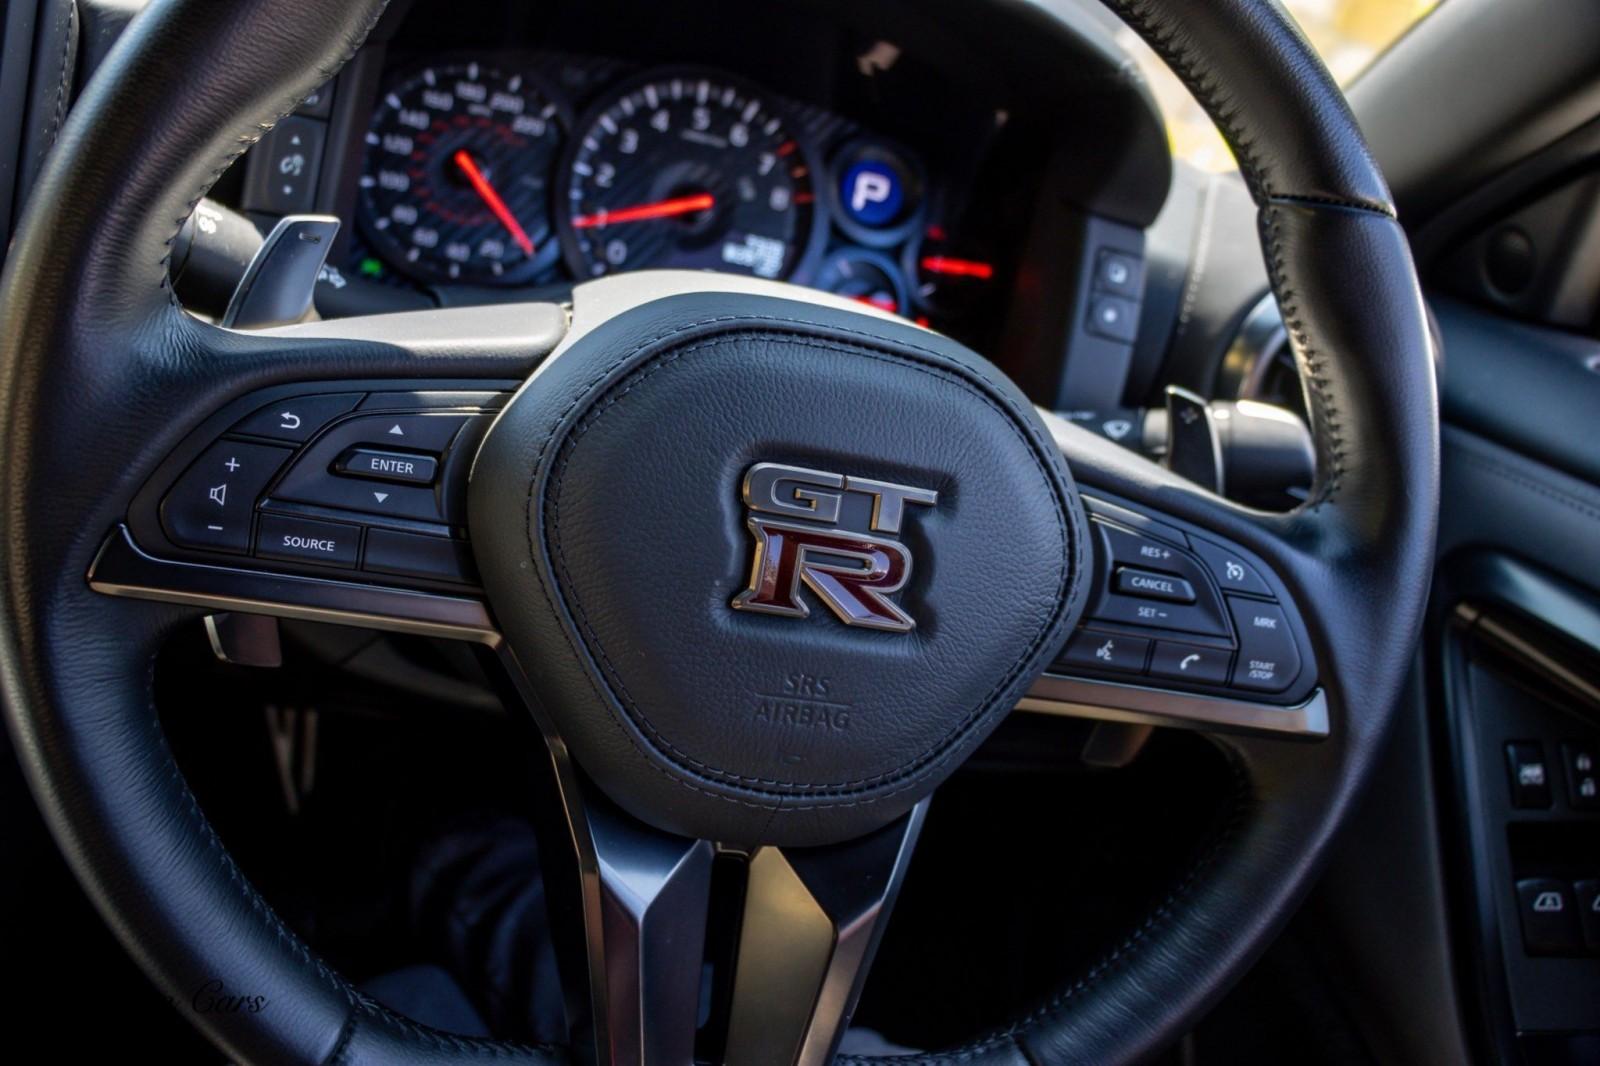 2020 Nissan GT-R PRESTIGE Petrol Semi Auto – Morgan Cars 9 Mound Road, Warrenpoint, Newry BT34 3LW, UK full